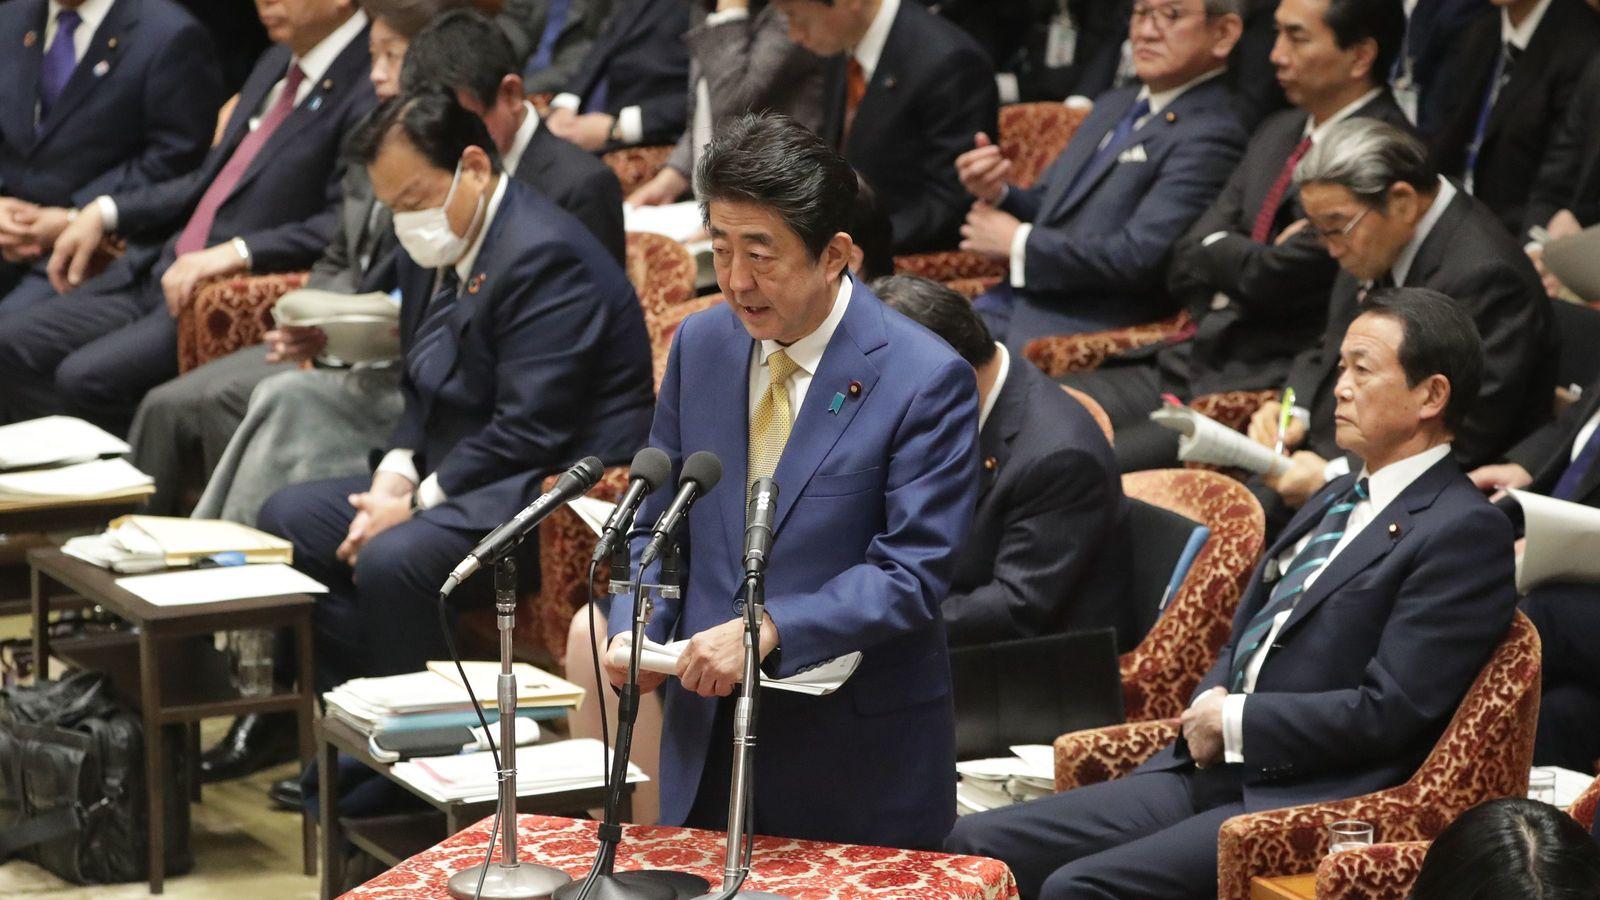 日本という国が「想定外の事態」という言い訳を繰り返す根本原因 「最悪」を想定しないという伝統